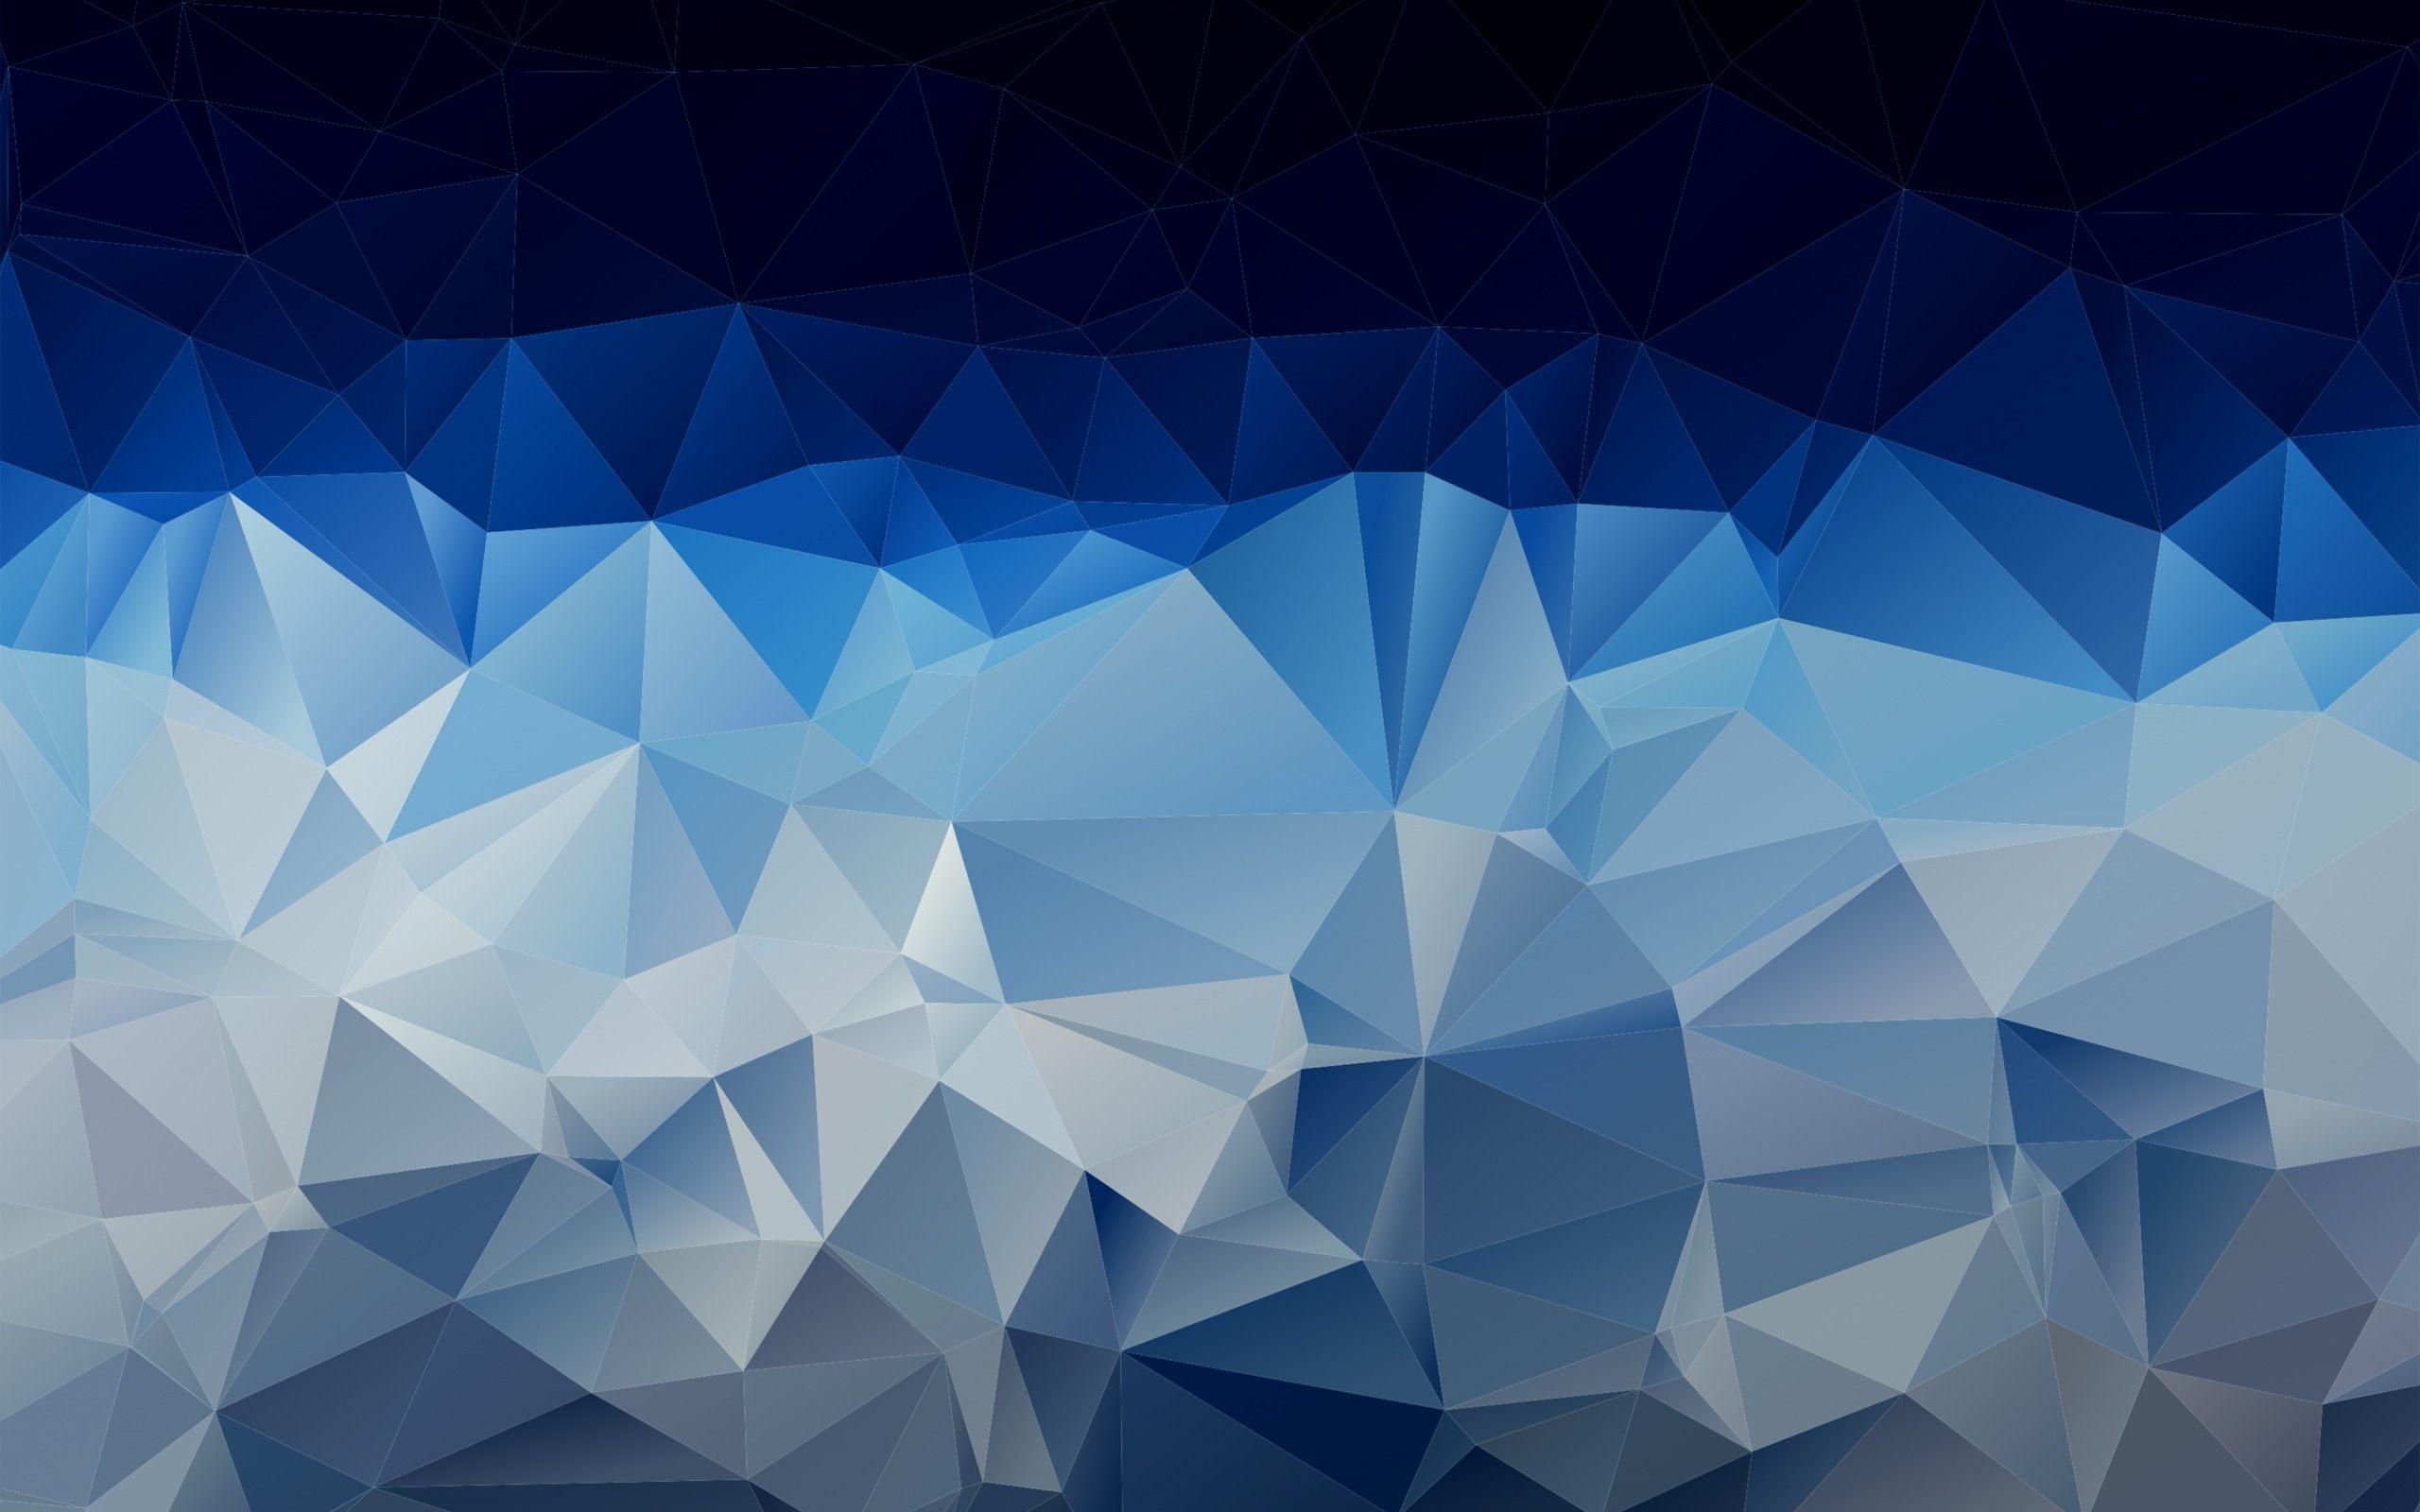 Art Polygon Wallpaper